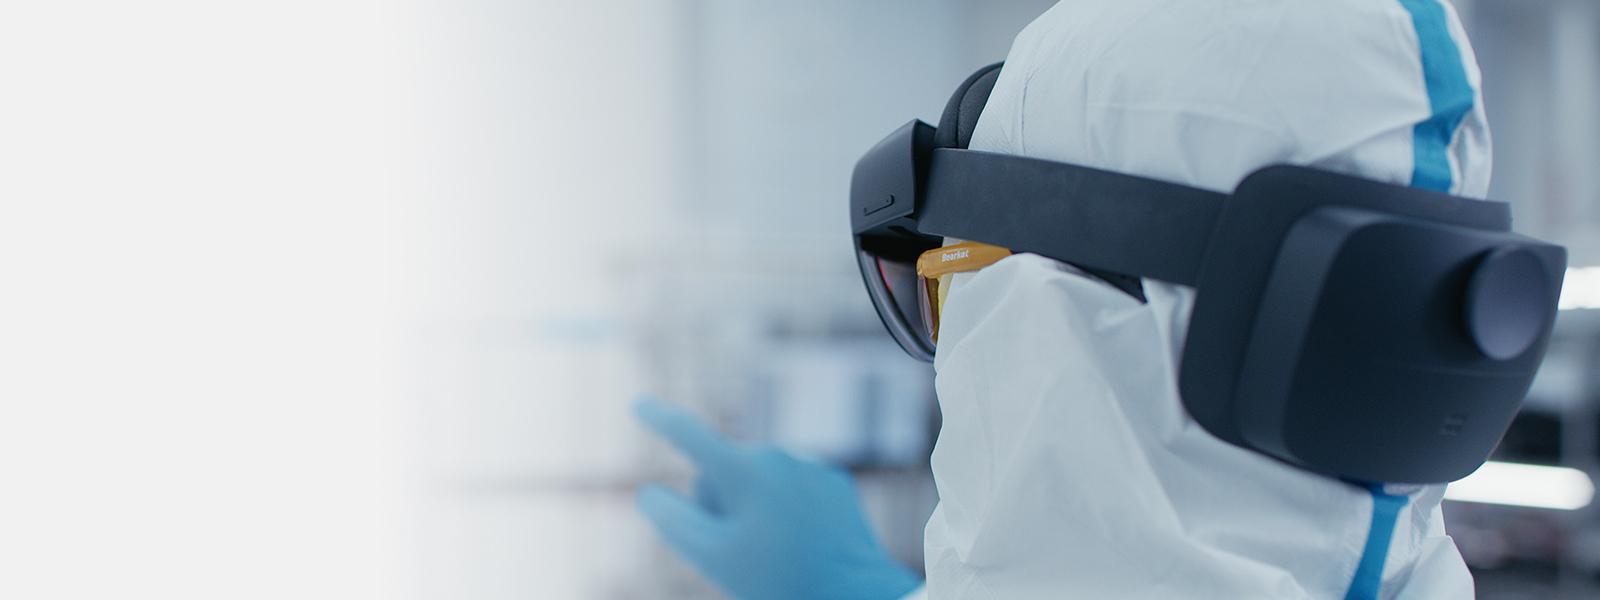 全新 HoloLens 2 工业版